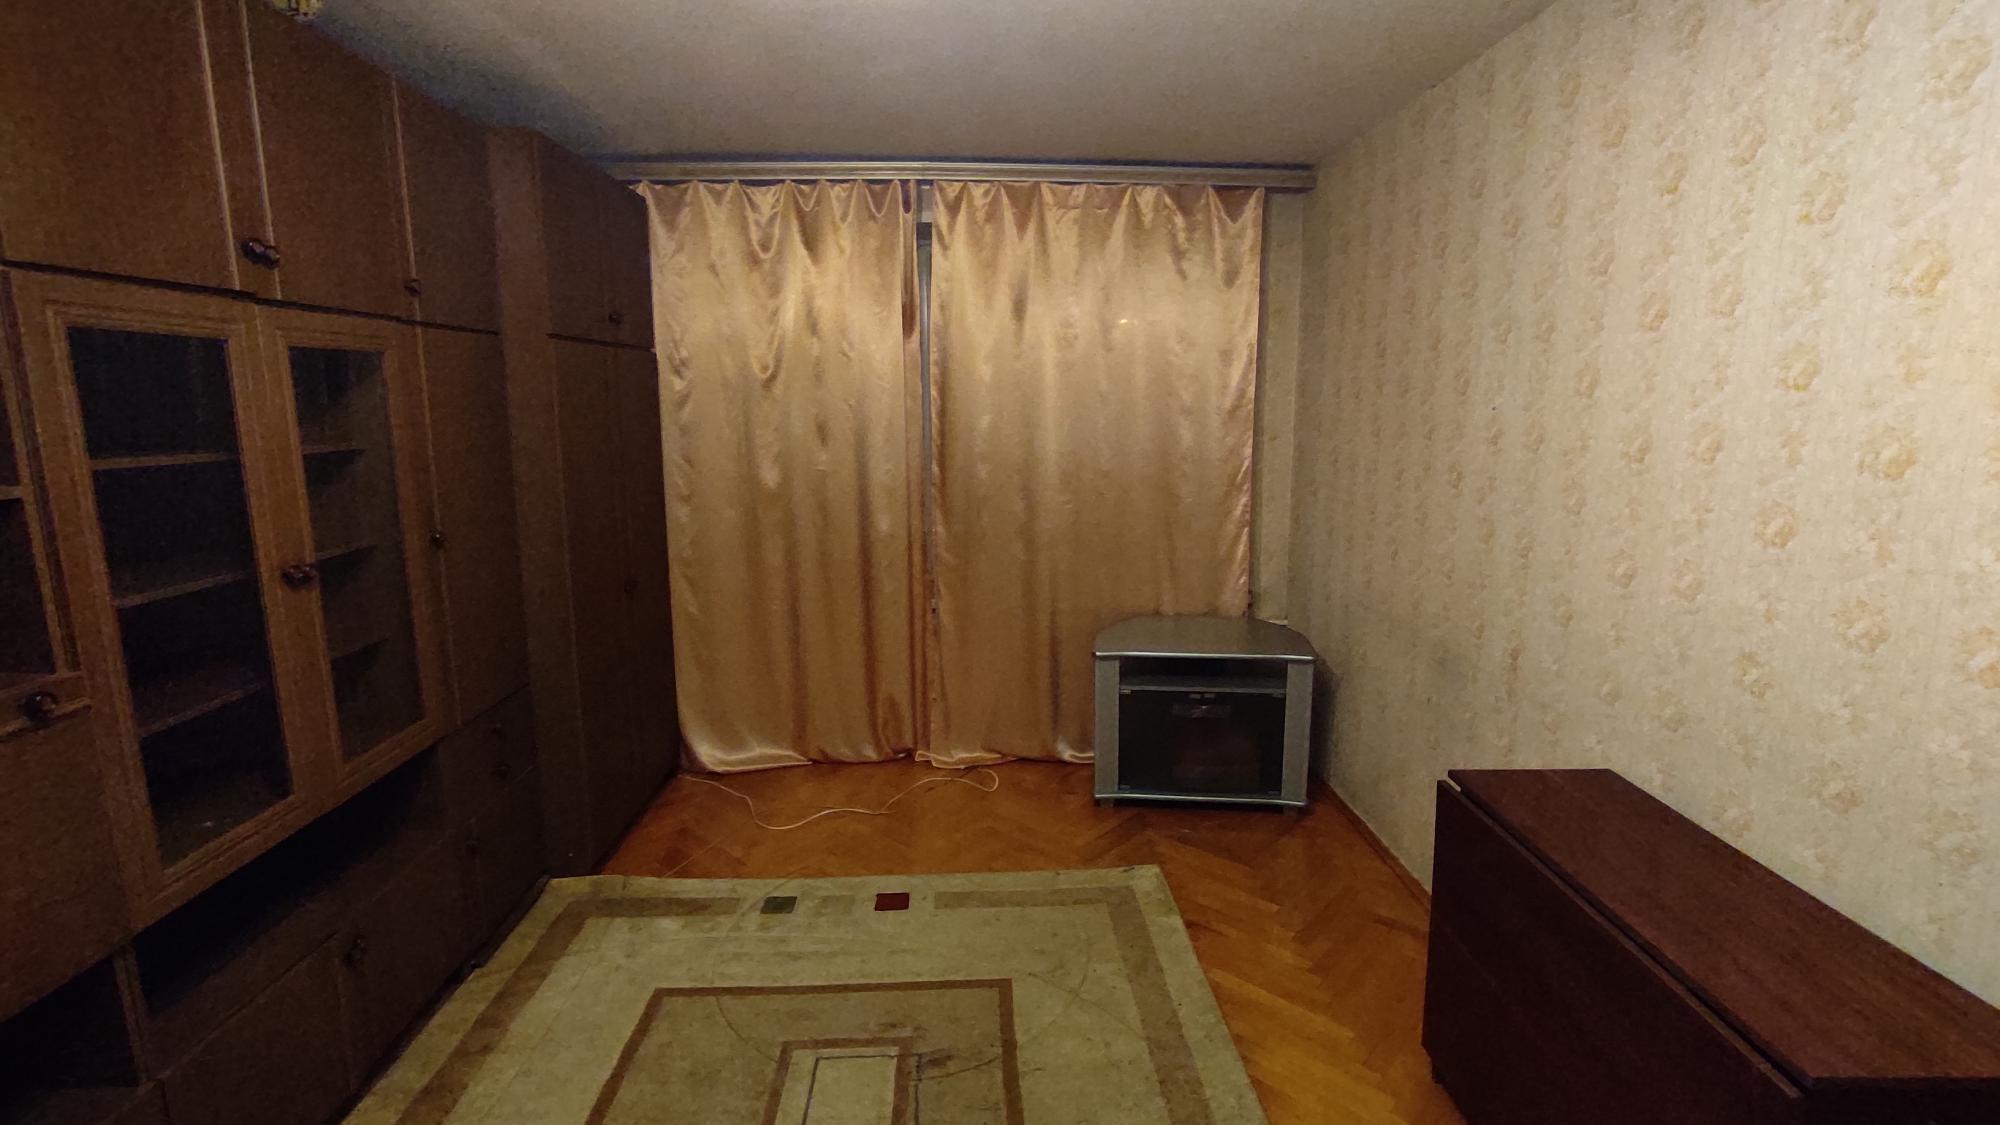 Квартира, 2 комнаты, 43.5 м² в Люберцах 89859757413 купить 3